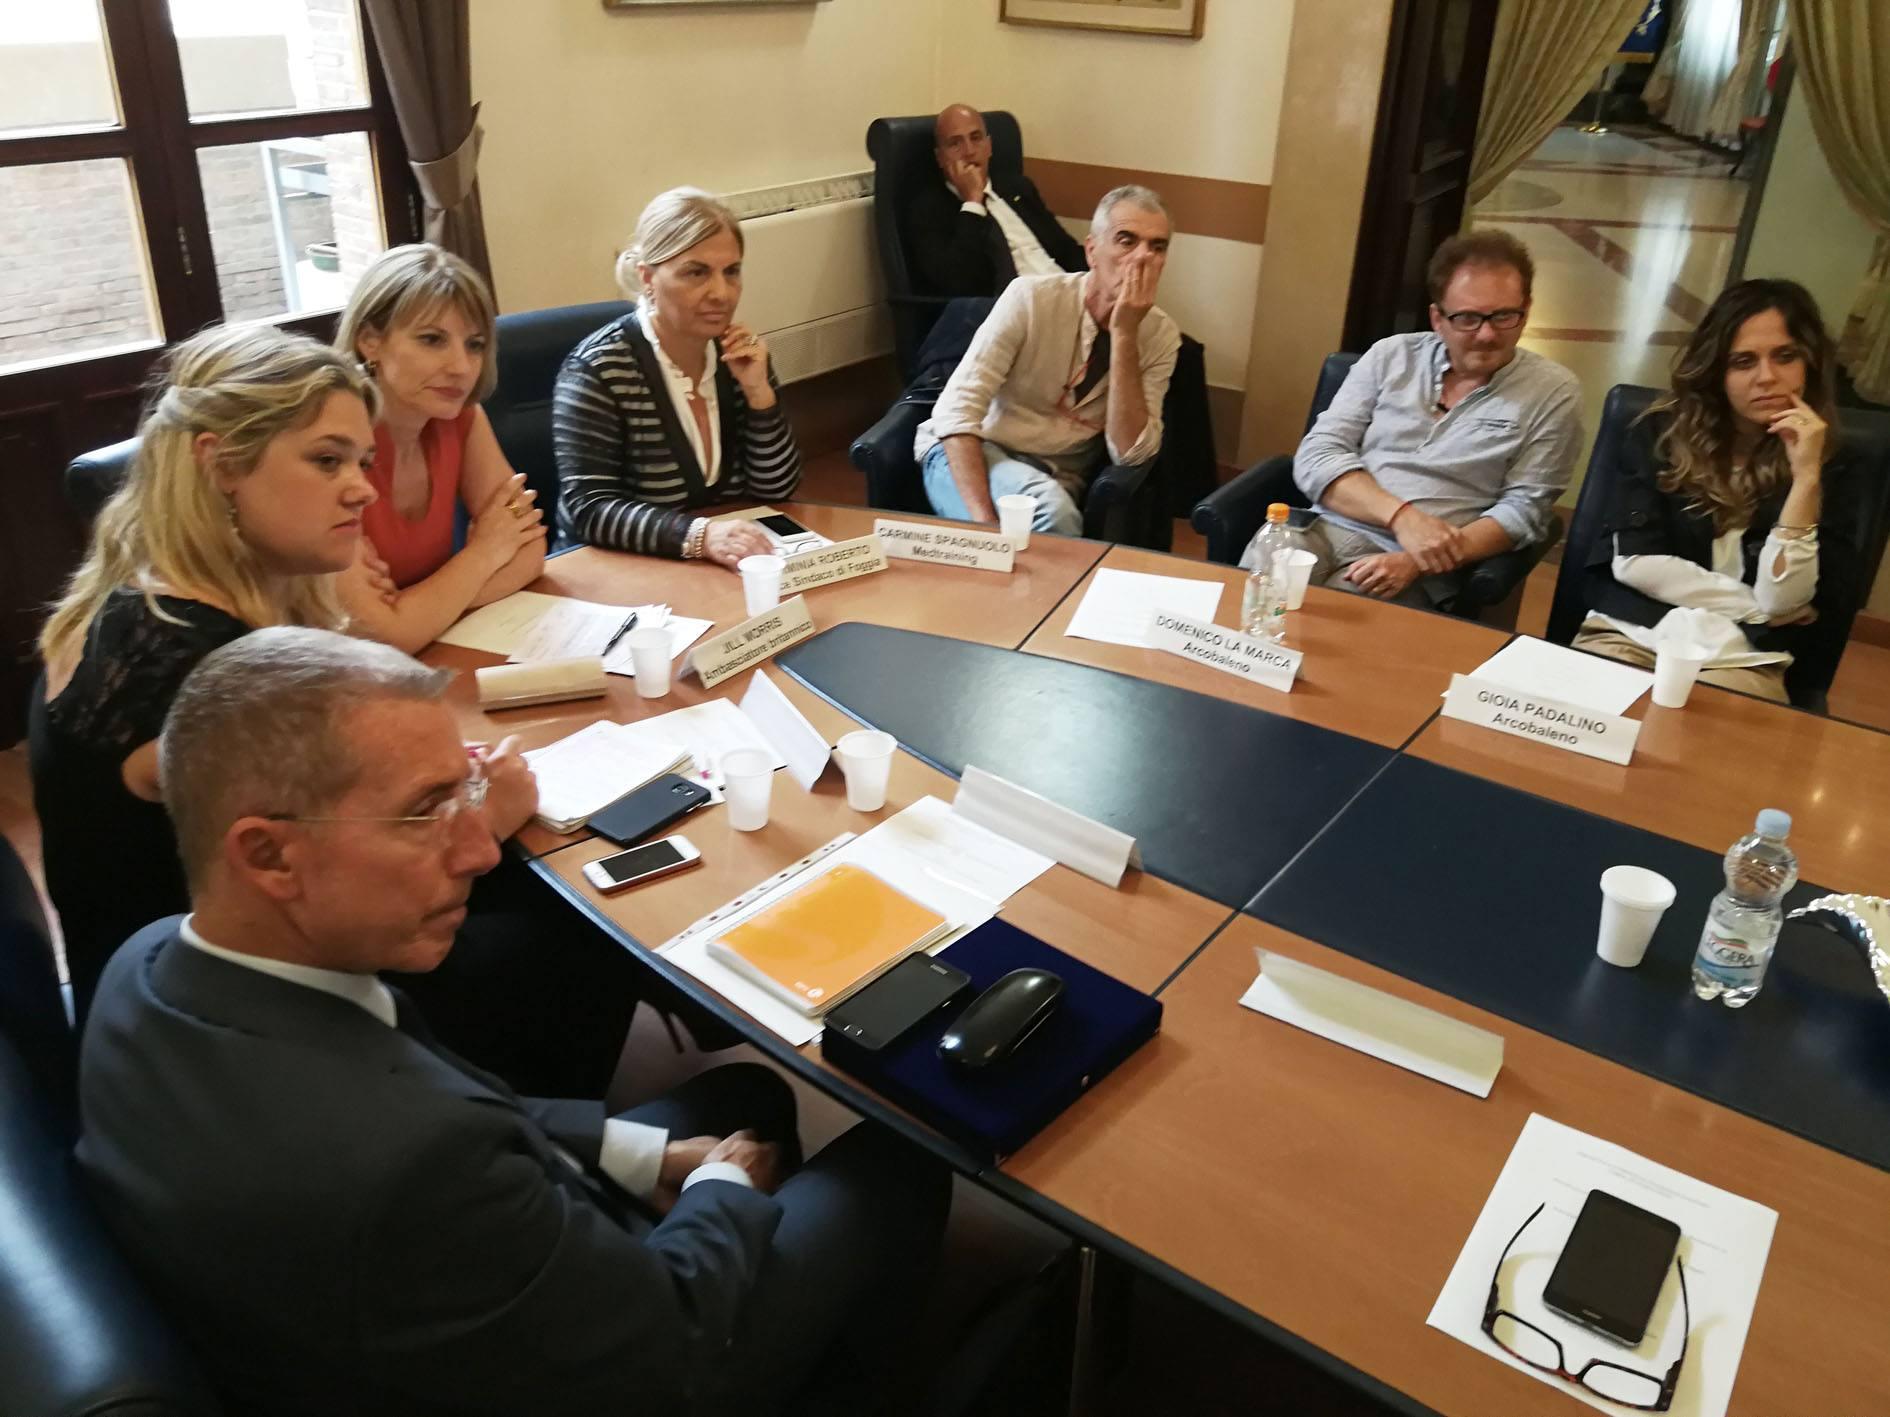 Incontro con Jill Morris, Ambasciatore del Regno Unito in Italia